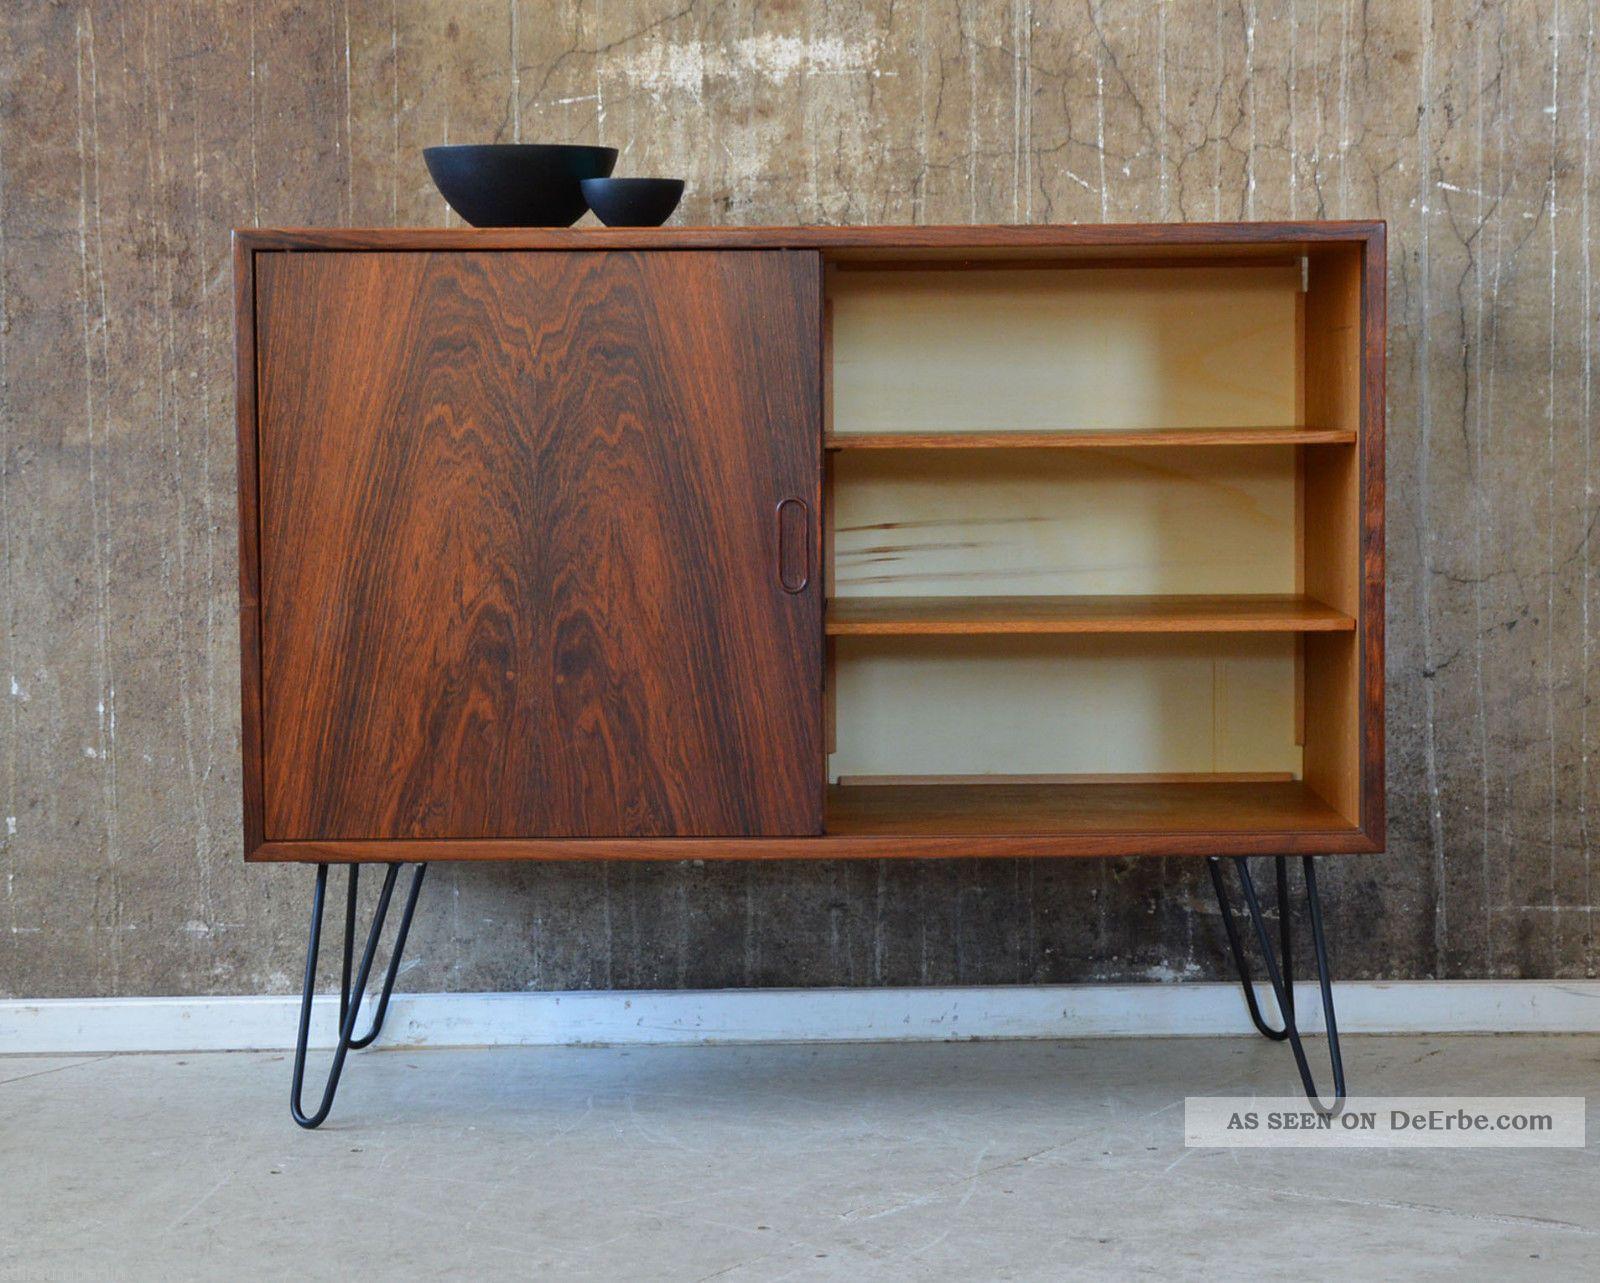 60er palisander kommode danish design 60s rosewood cabinet. Black Bedroom Furniture Sets. Home Design Ideas